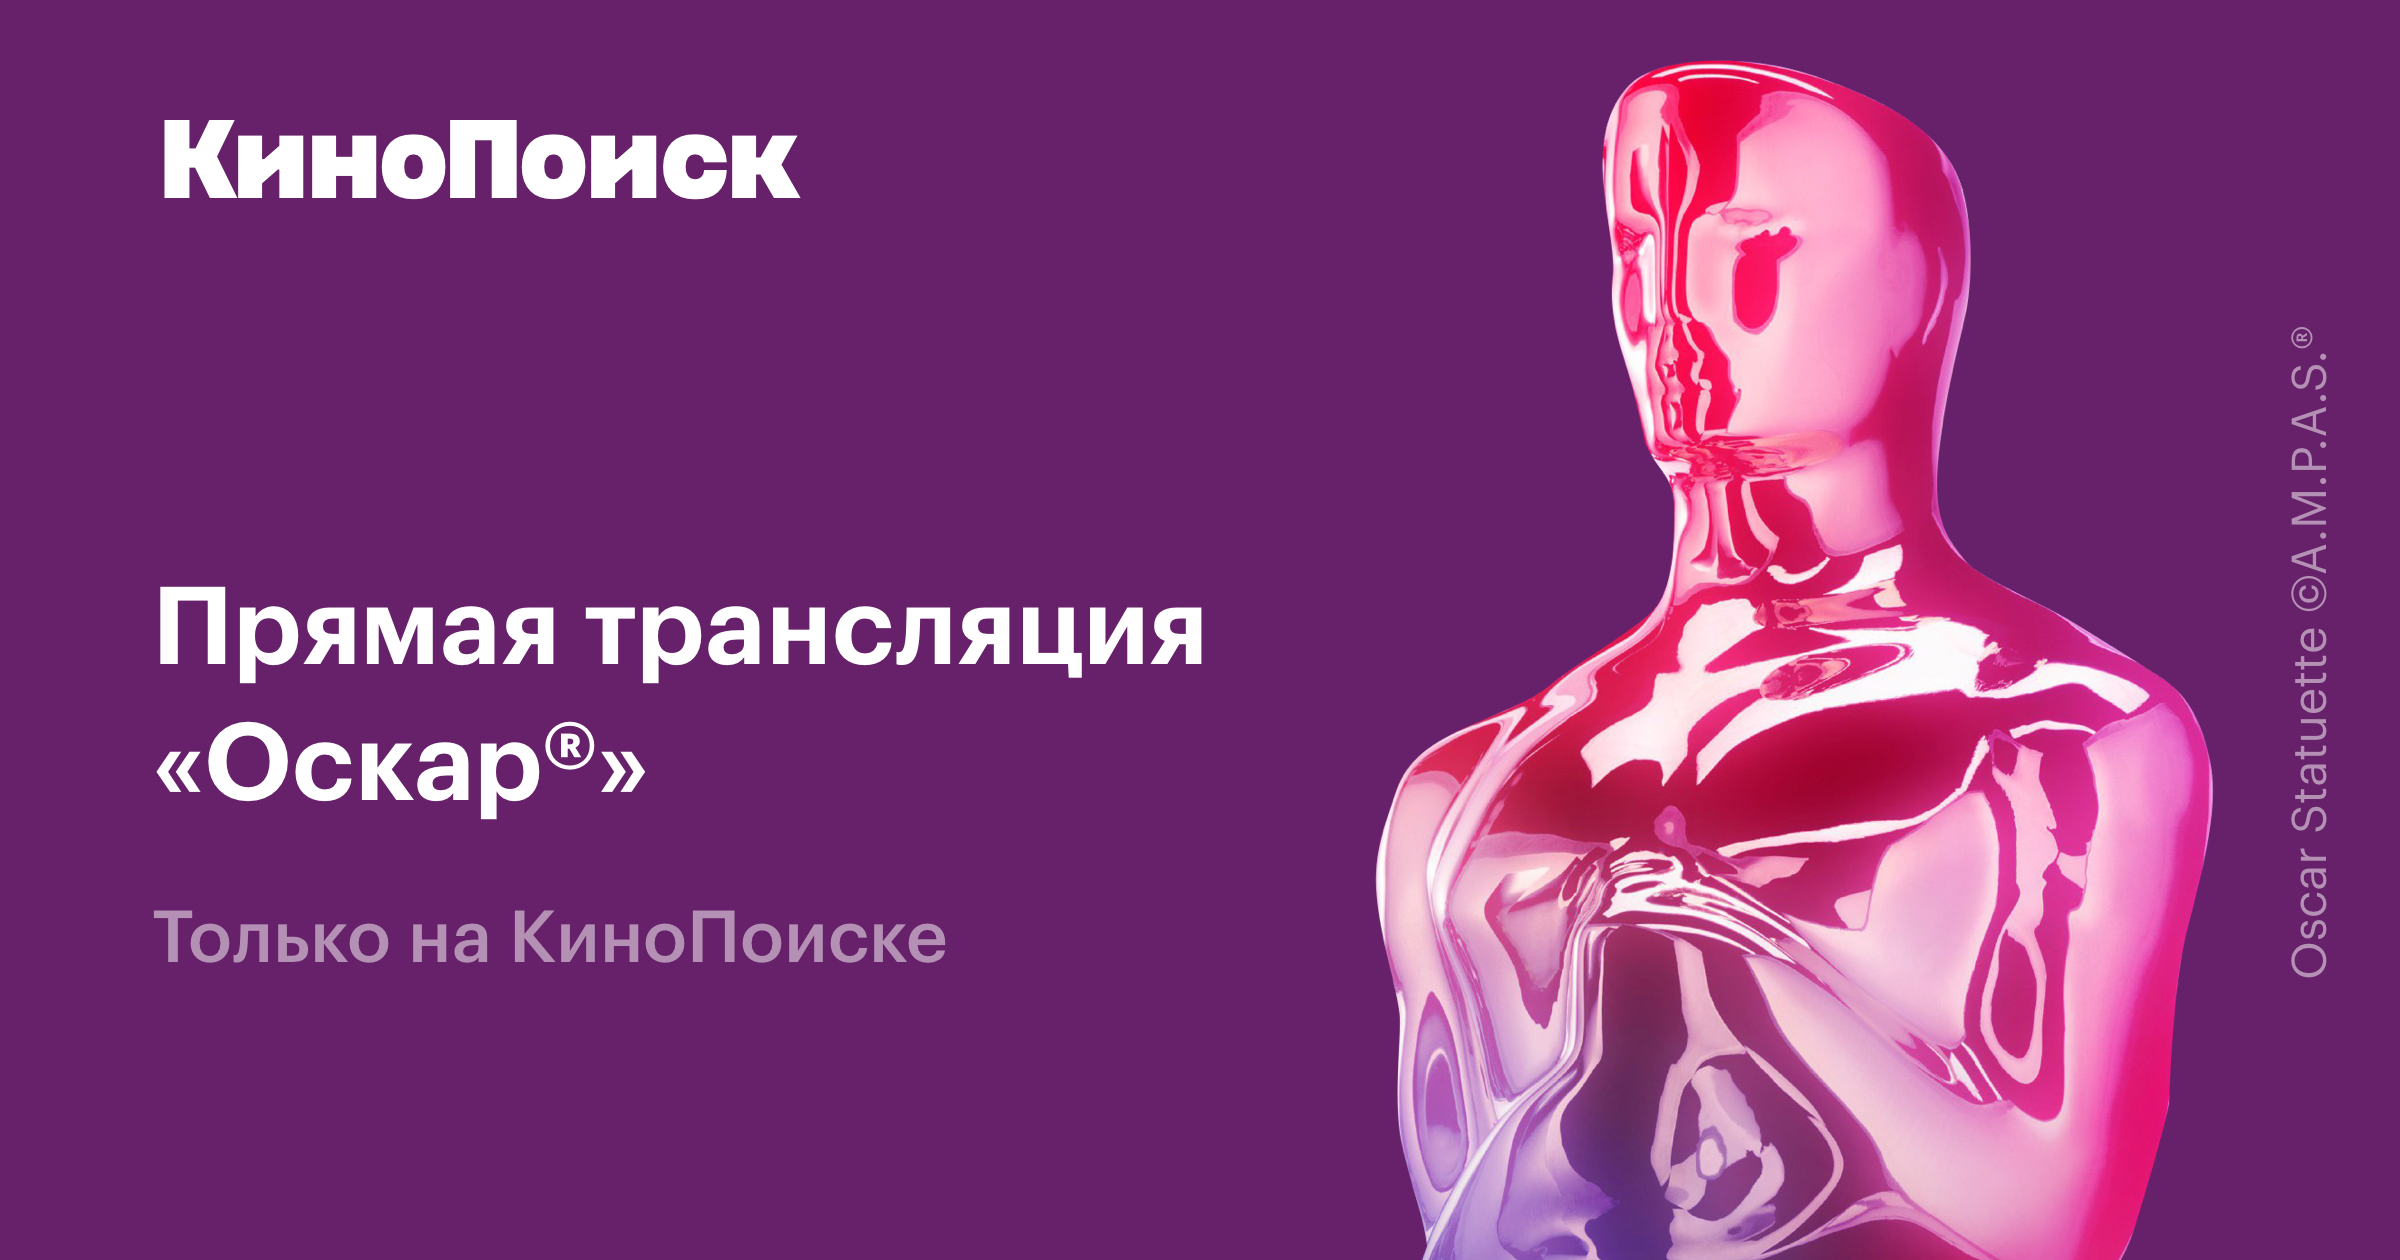 https://www.kinopoisk.ru/special/oscar/